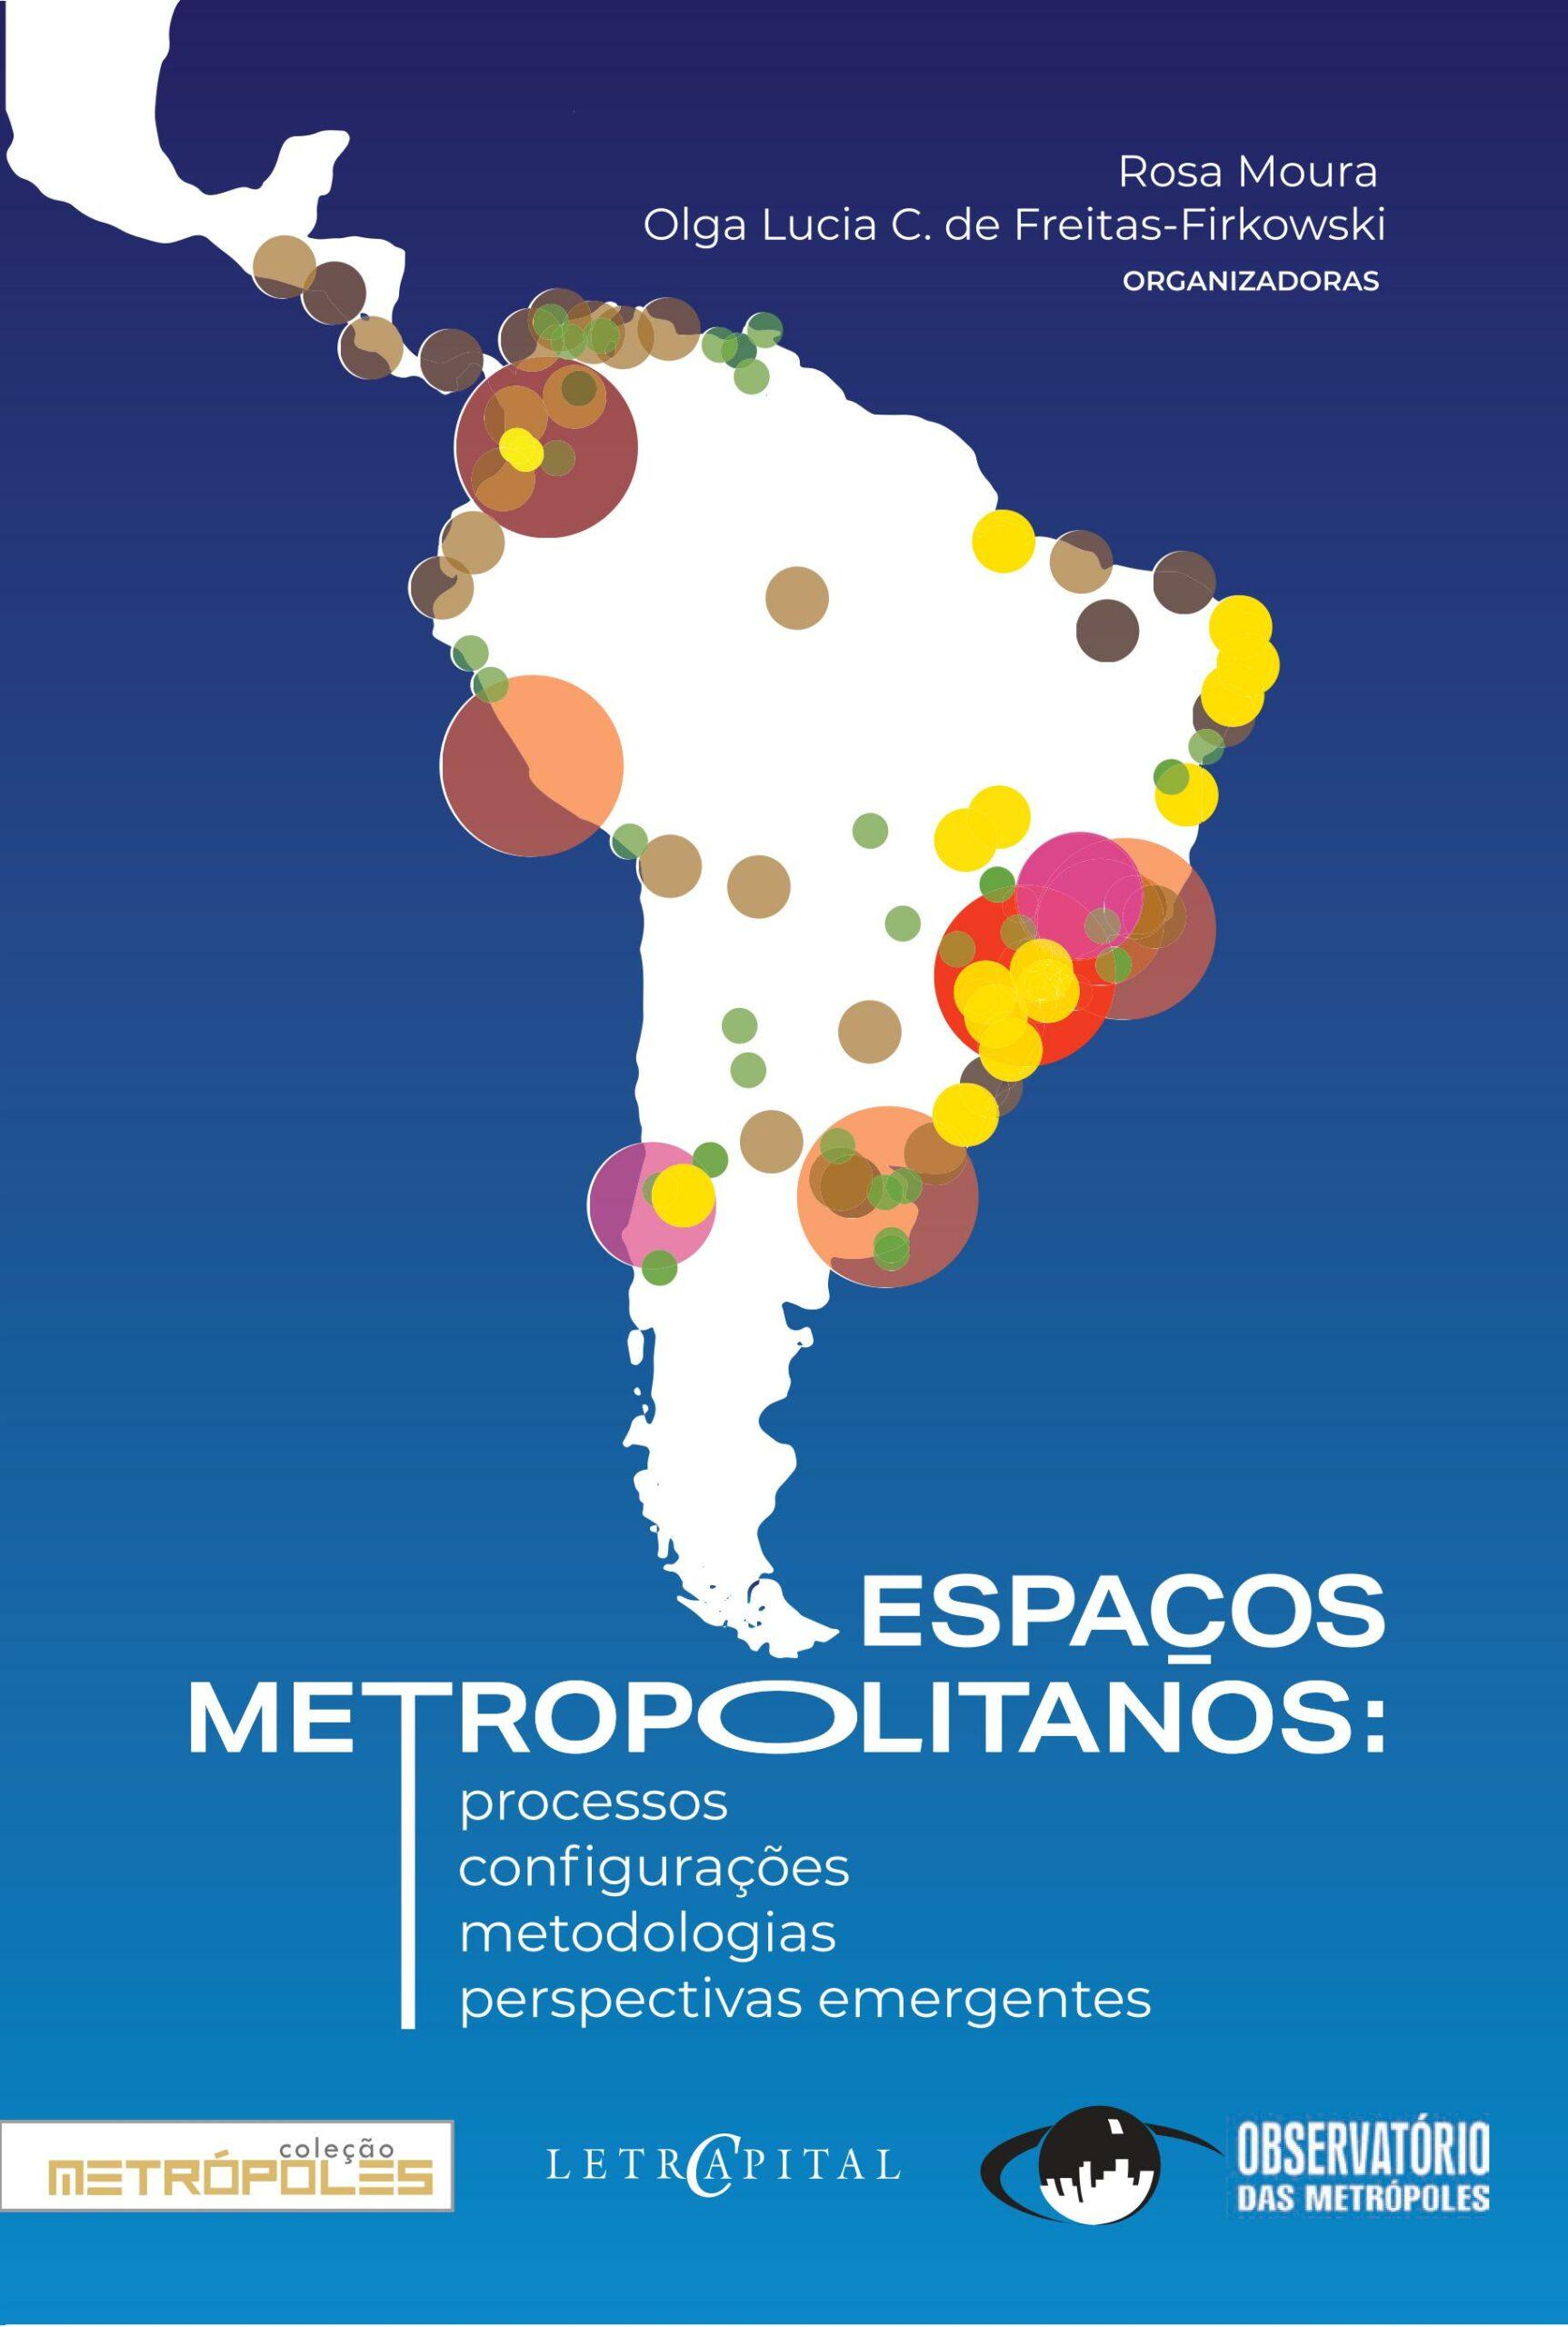 Espaços Metropolitanos: processos, configurações, metodologias e perspectivas emergentes